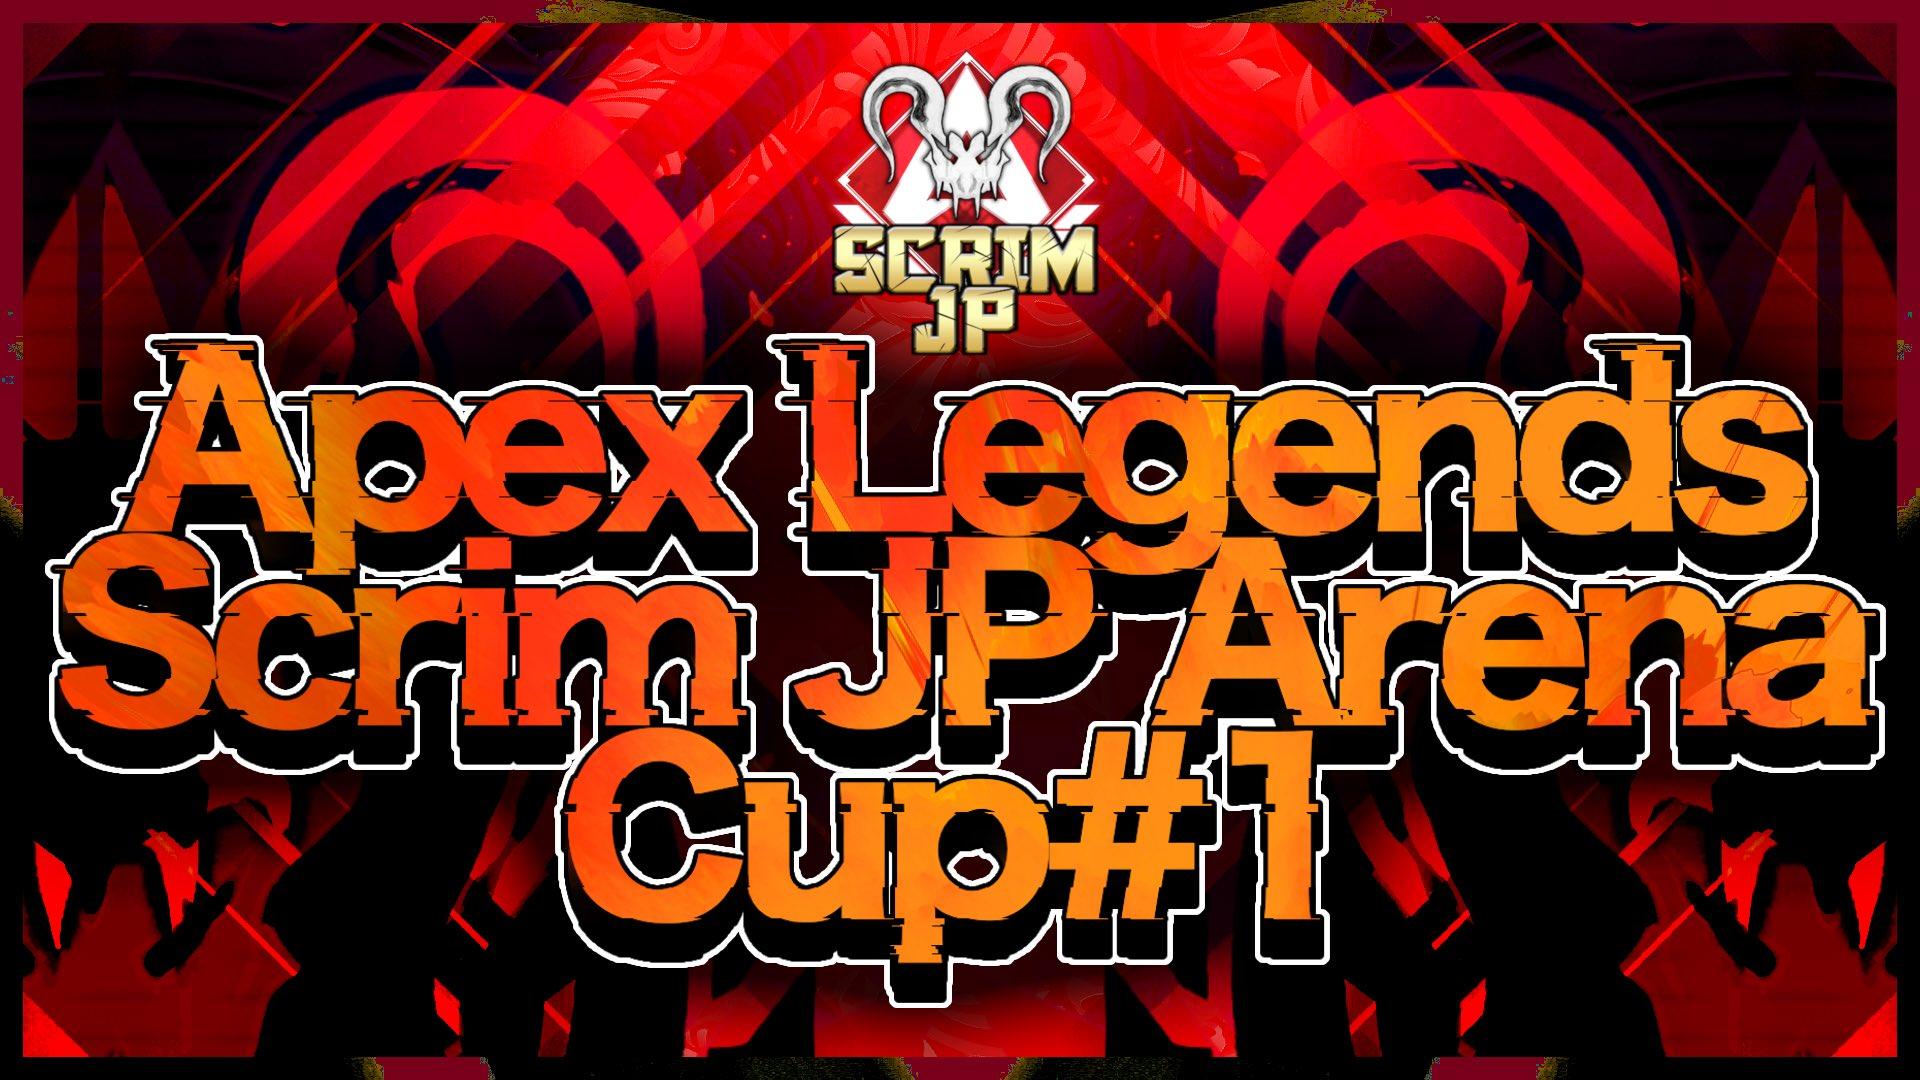 【PS4版カスタム大会】「Apex Legends Scrim JP Arena Cup#1」主催のお知らせ【7/18(日)21:00~】